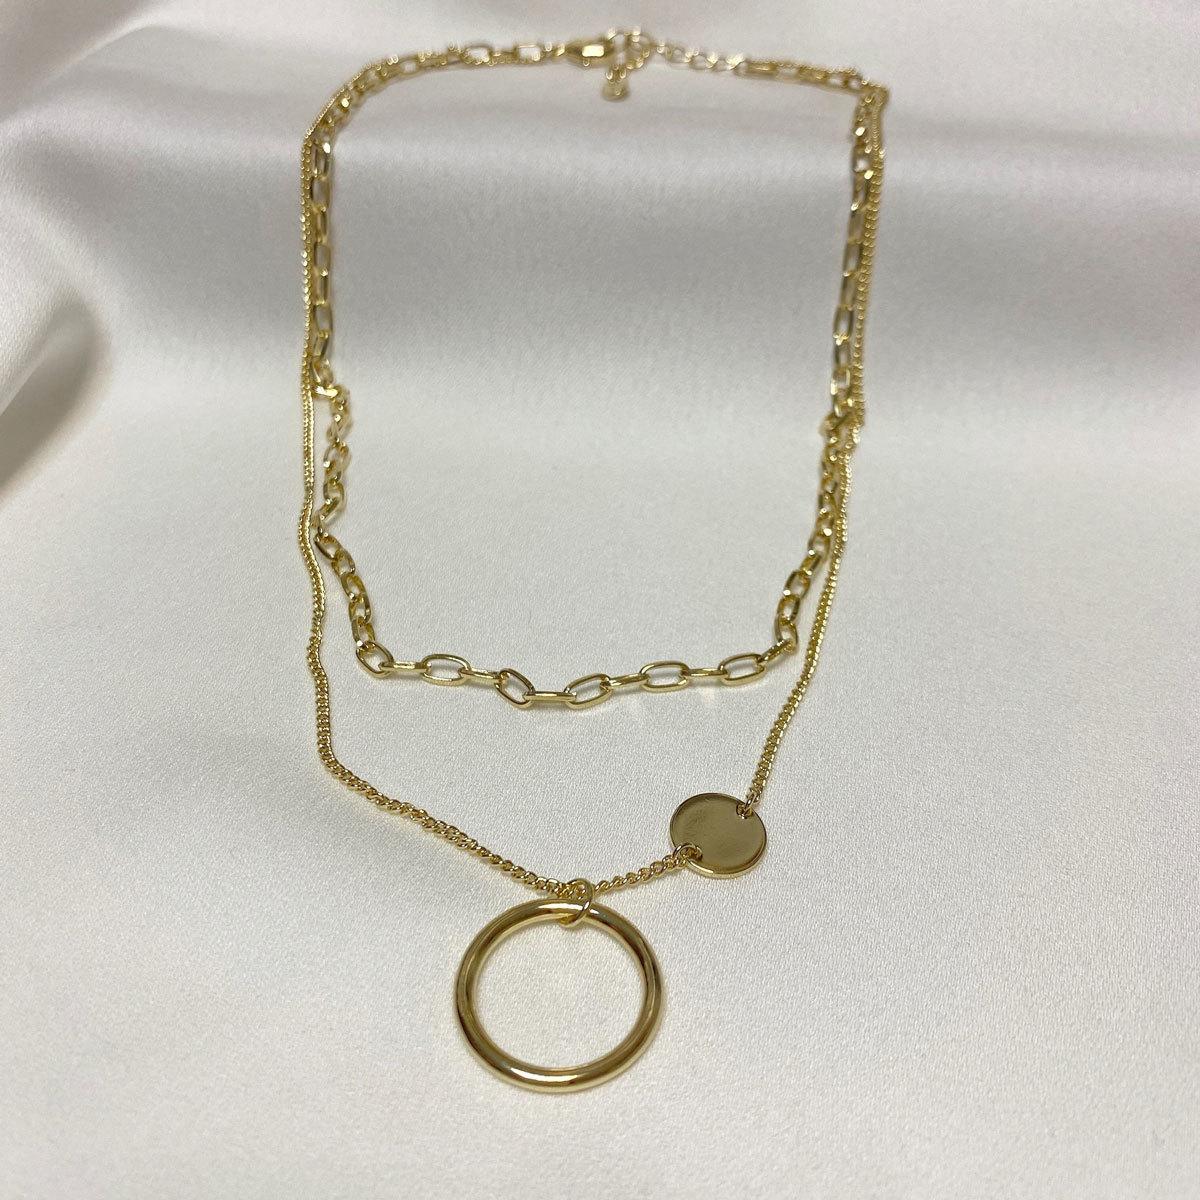 Цепь двурядная с цепью и динамическим кольцом (золотистый)